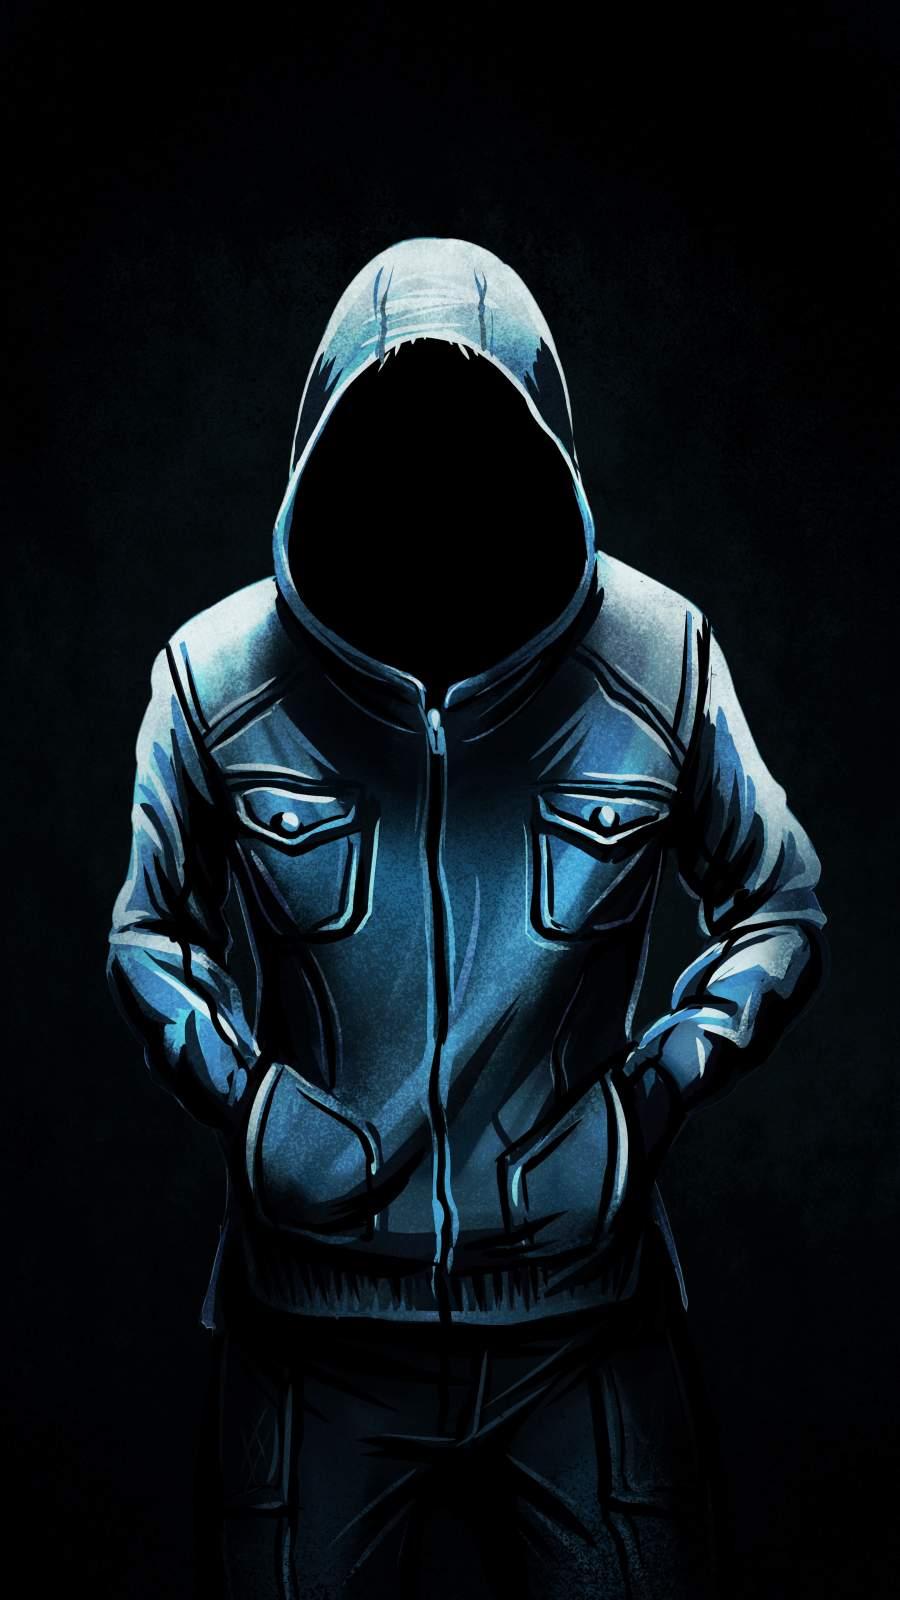 Dark Hoodie Guy